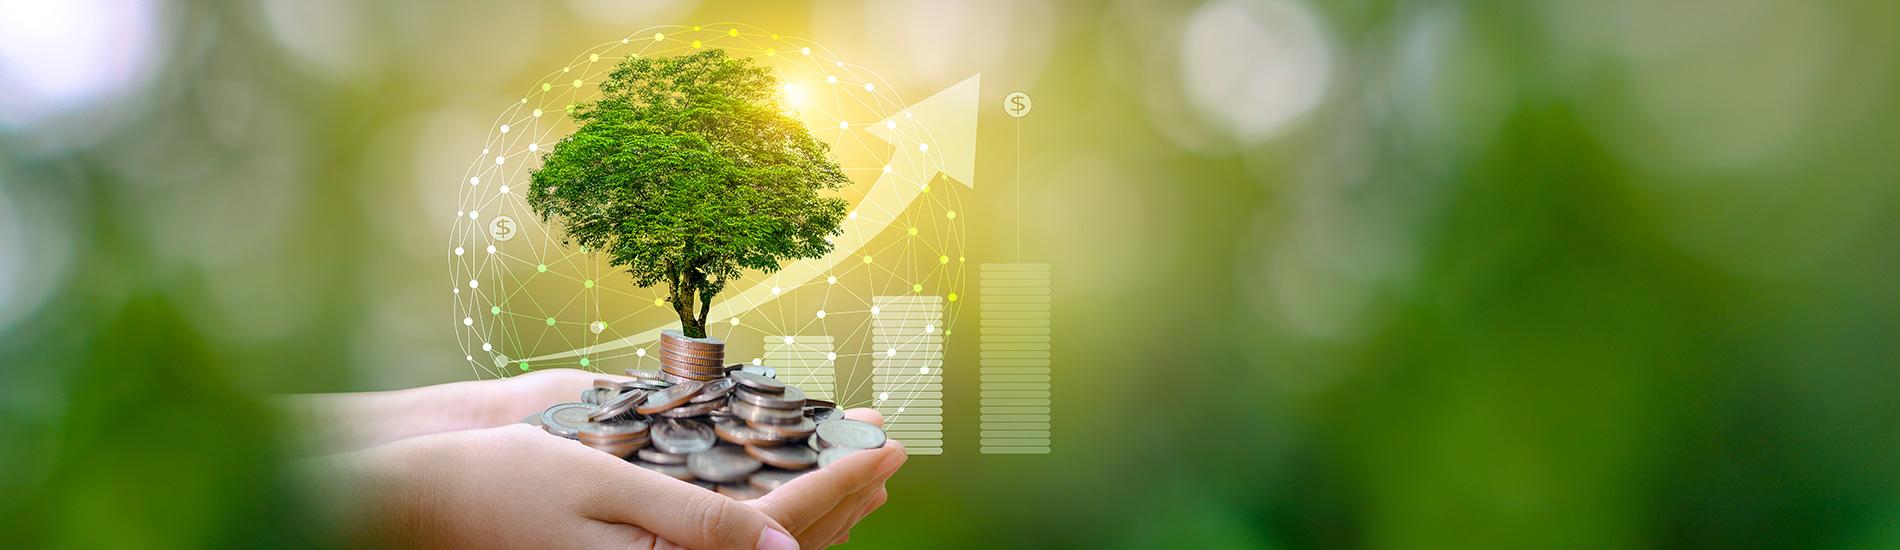 ESG投資救地球 抓住永續商機